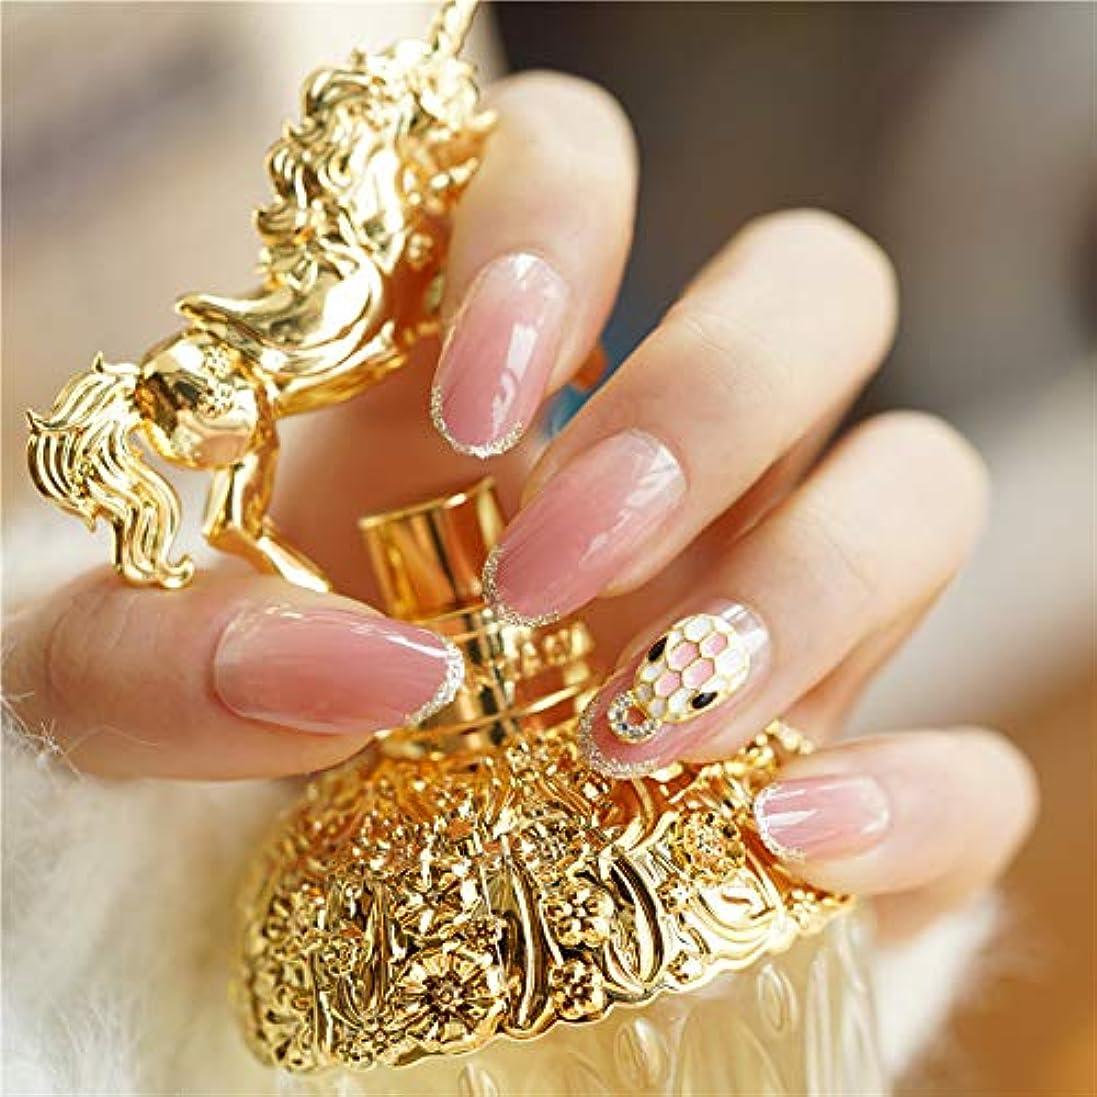 制限する上がる対象24枚セット ネイルチップ 付け爪 お嫁さんつけ爪 ネイルシール 3D可愛い飾り 爪先金回し 水しいピンク色変化デザインネイルチップ (ピンク)